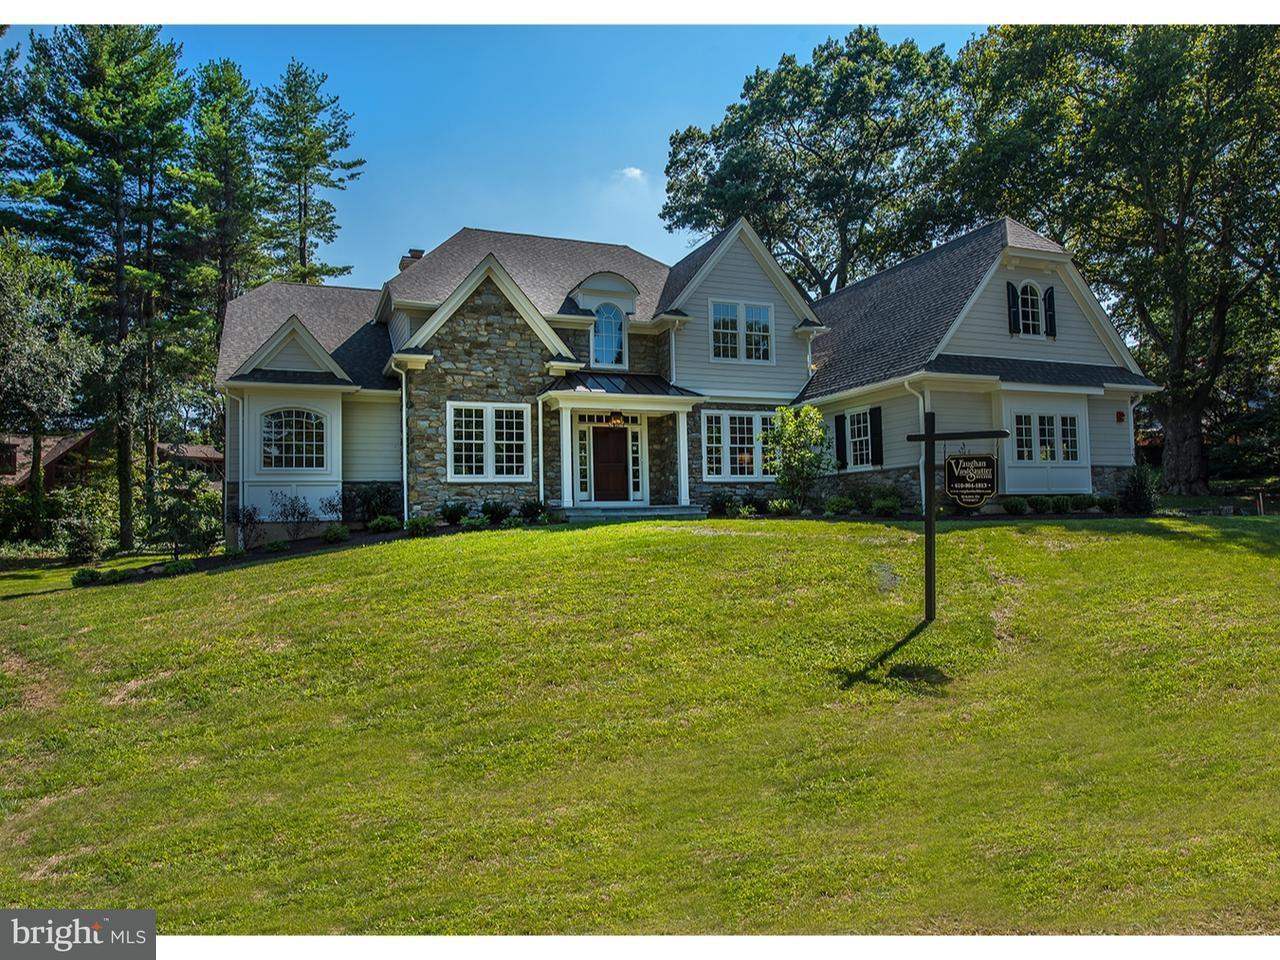 独户住宅 为 销售 在 1081 BARON Drive 布林莫尔, 宾夕法尼亚州 19010 美国